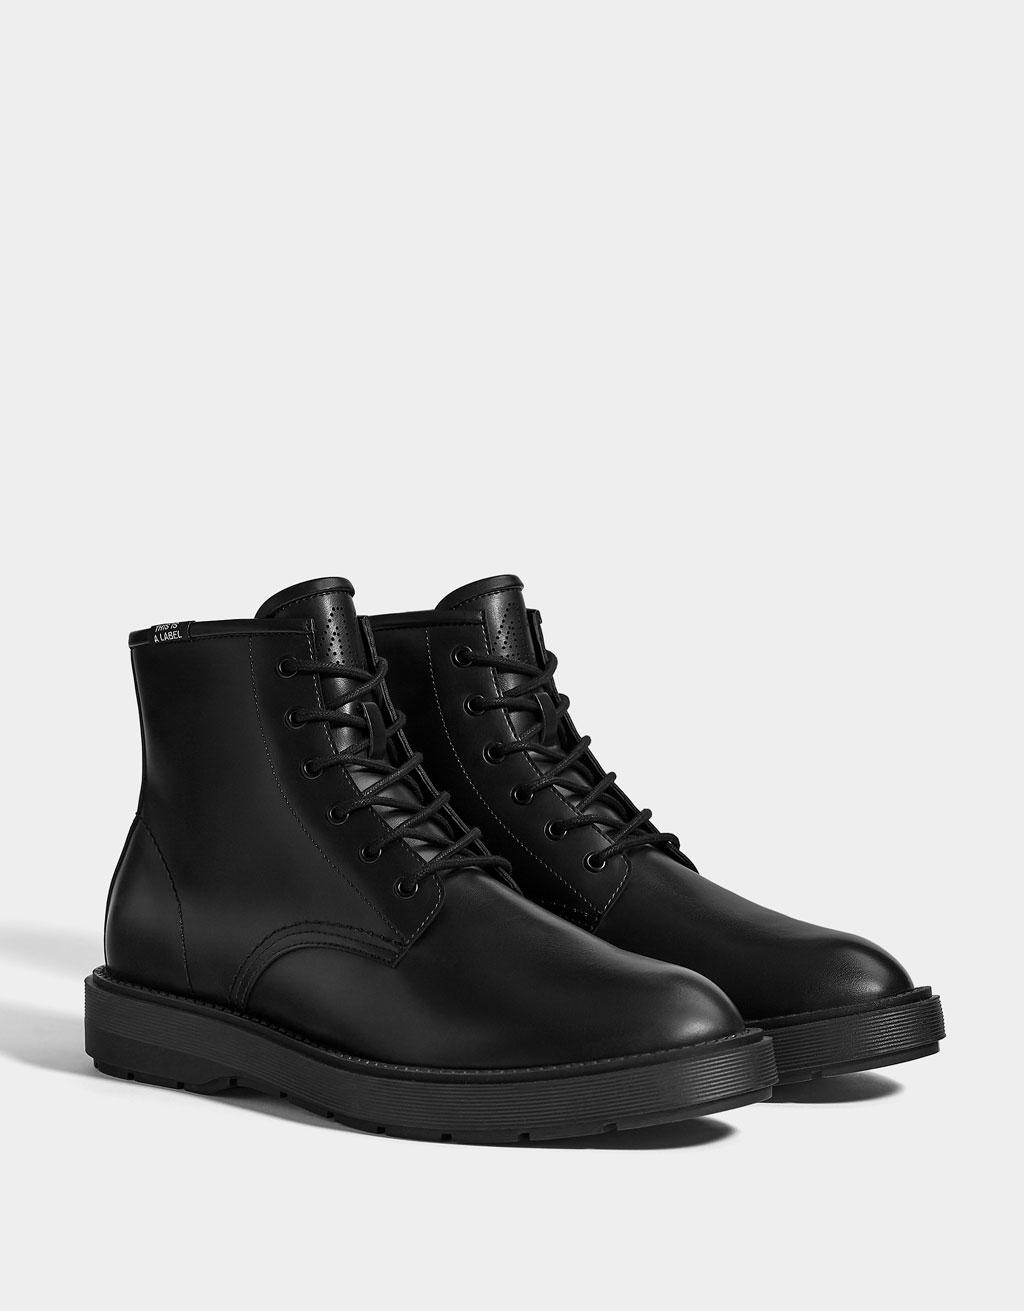 Men's smart boots